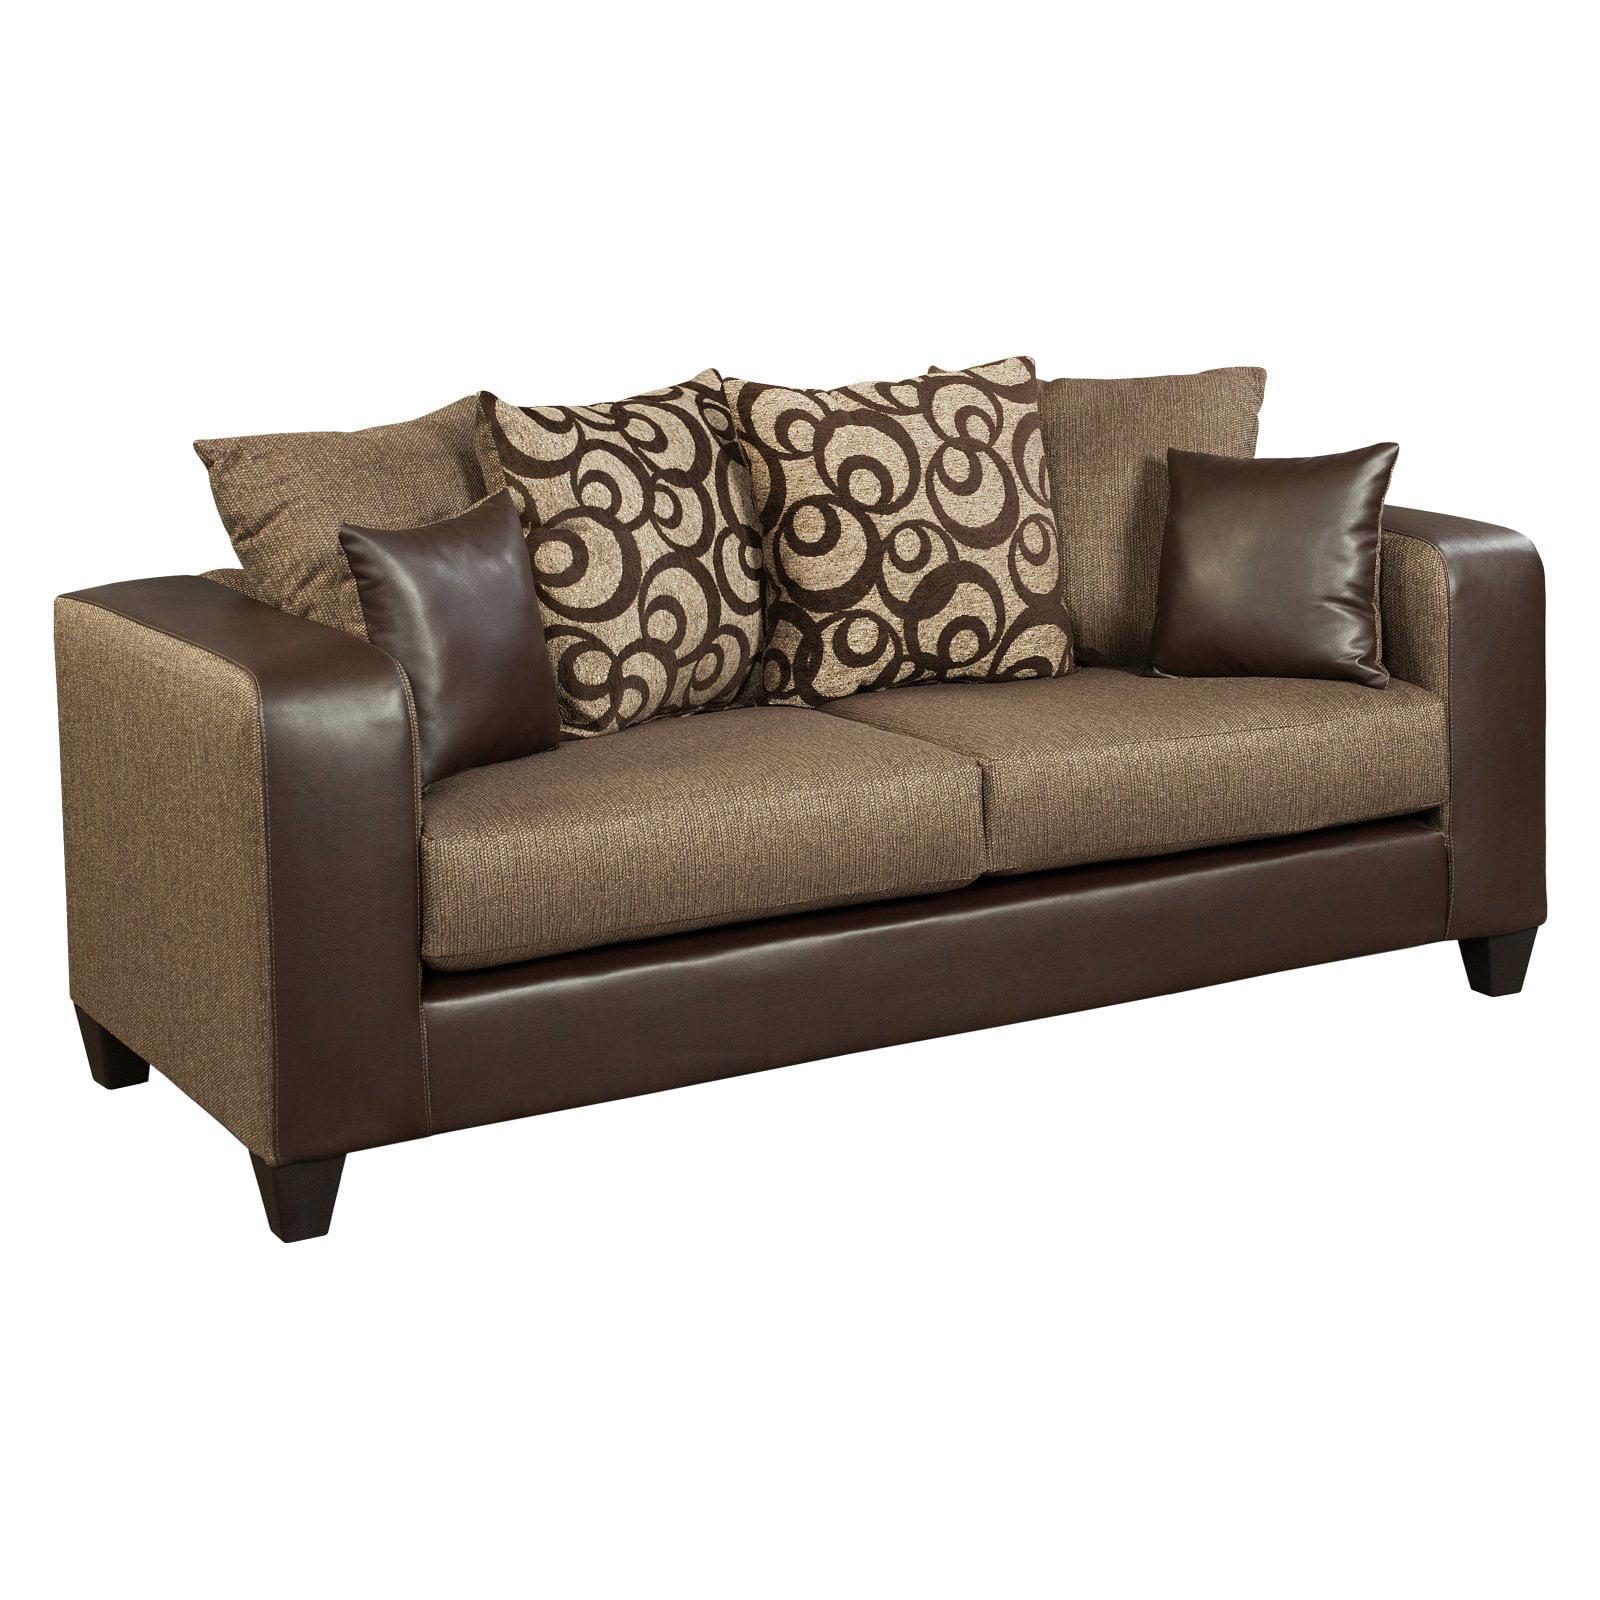 Flash Furniture Riverstone Object Chenille Sofa - Espresso